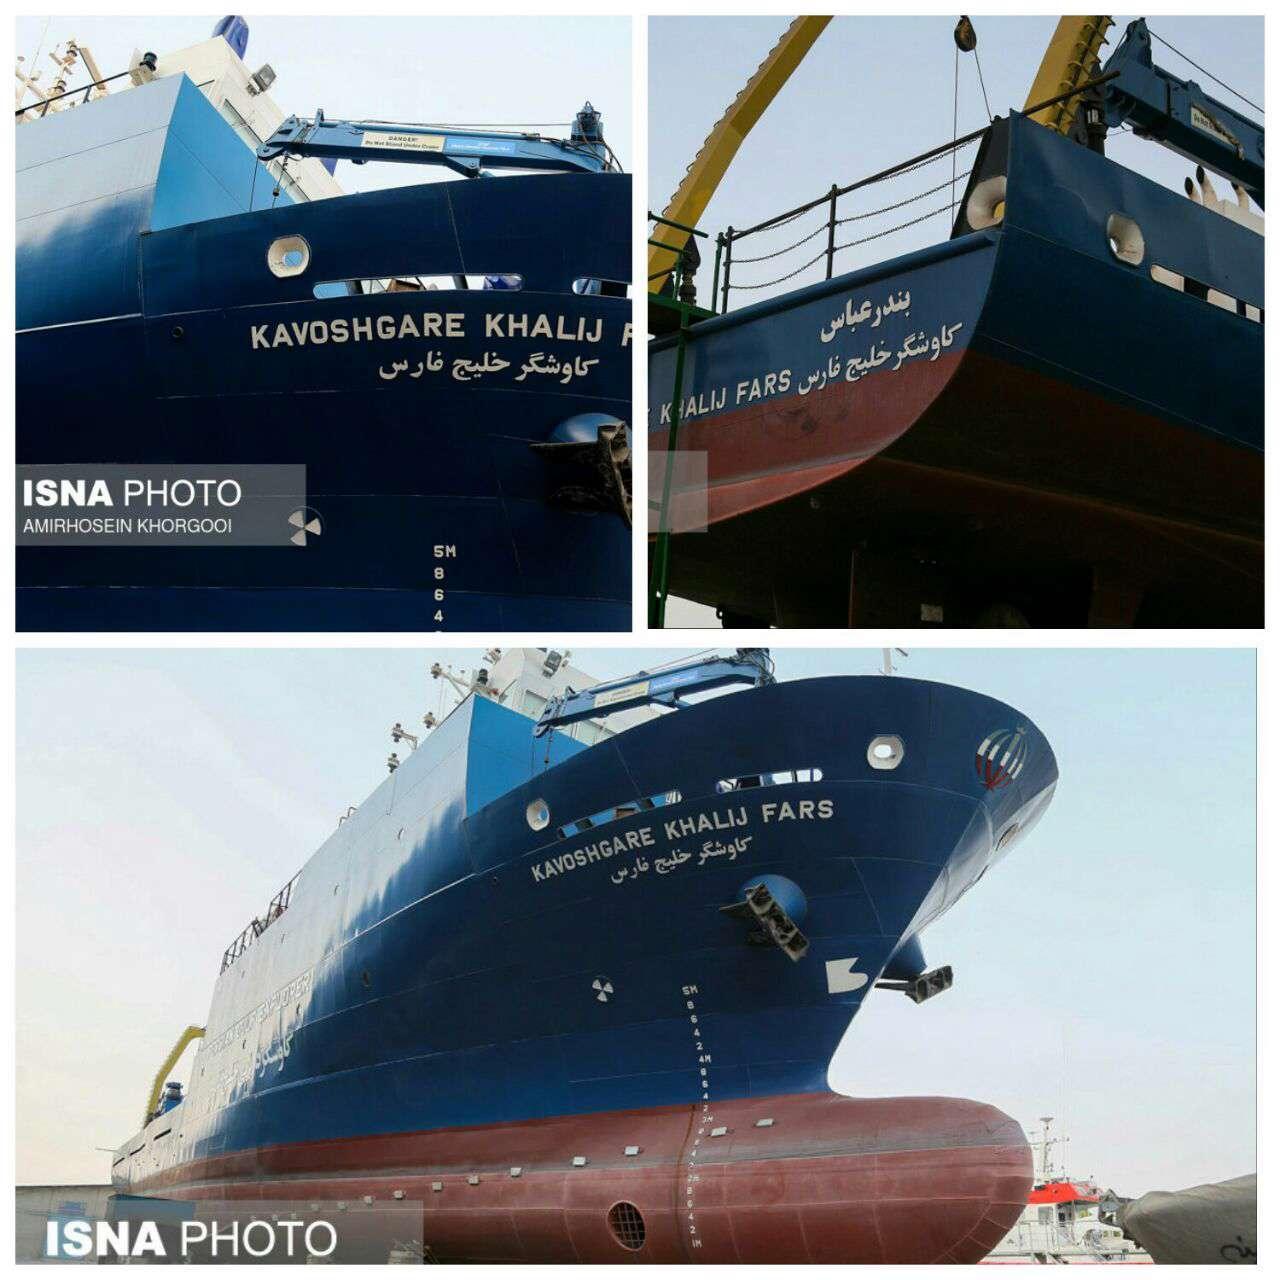 نخستین کشتی تحقیقاتی اقیانوس پیمای ایران